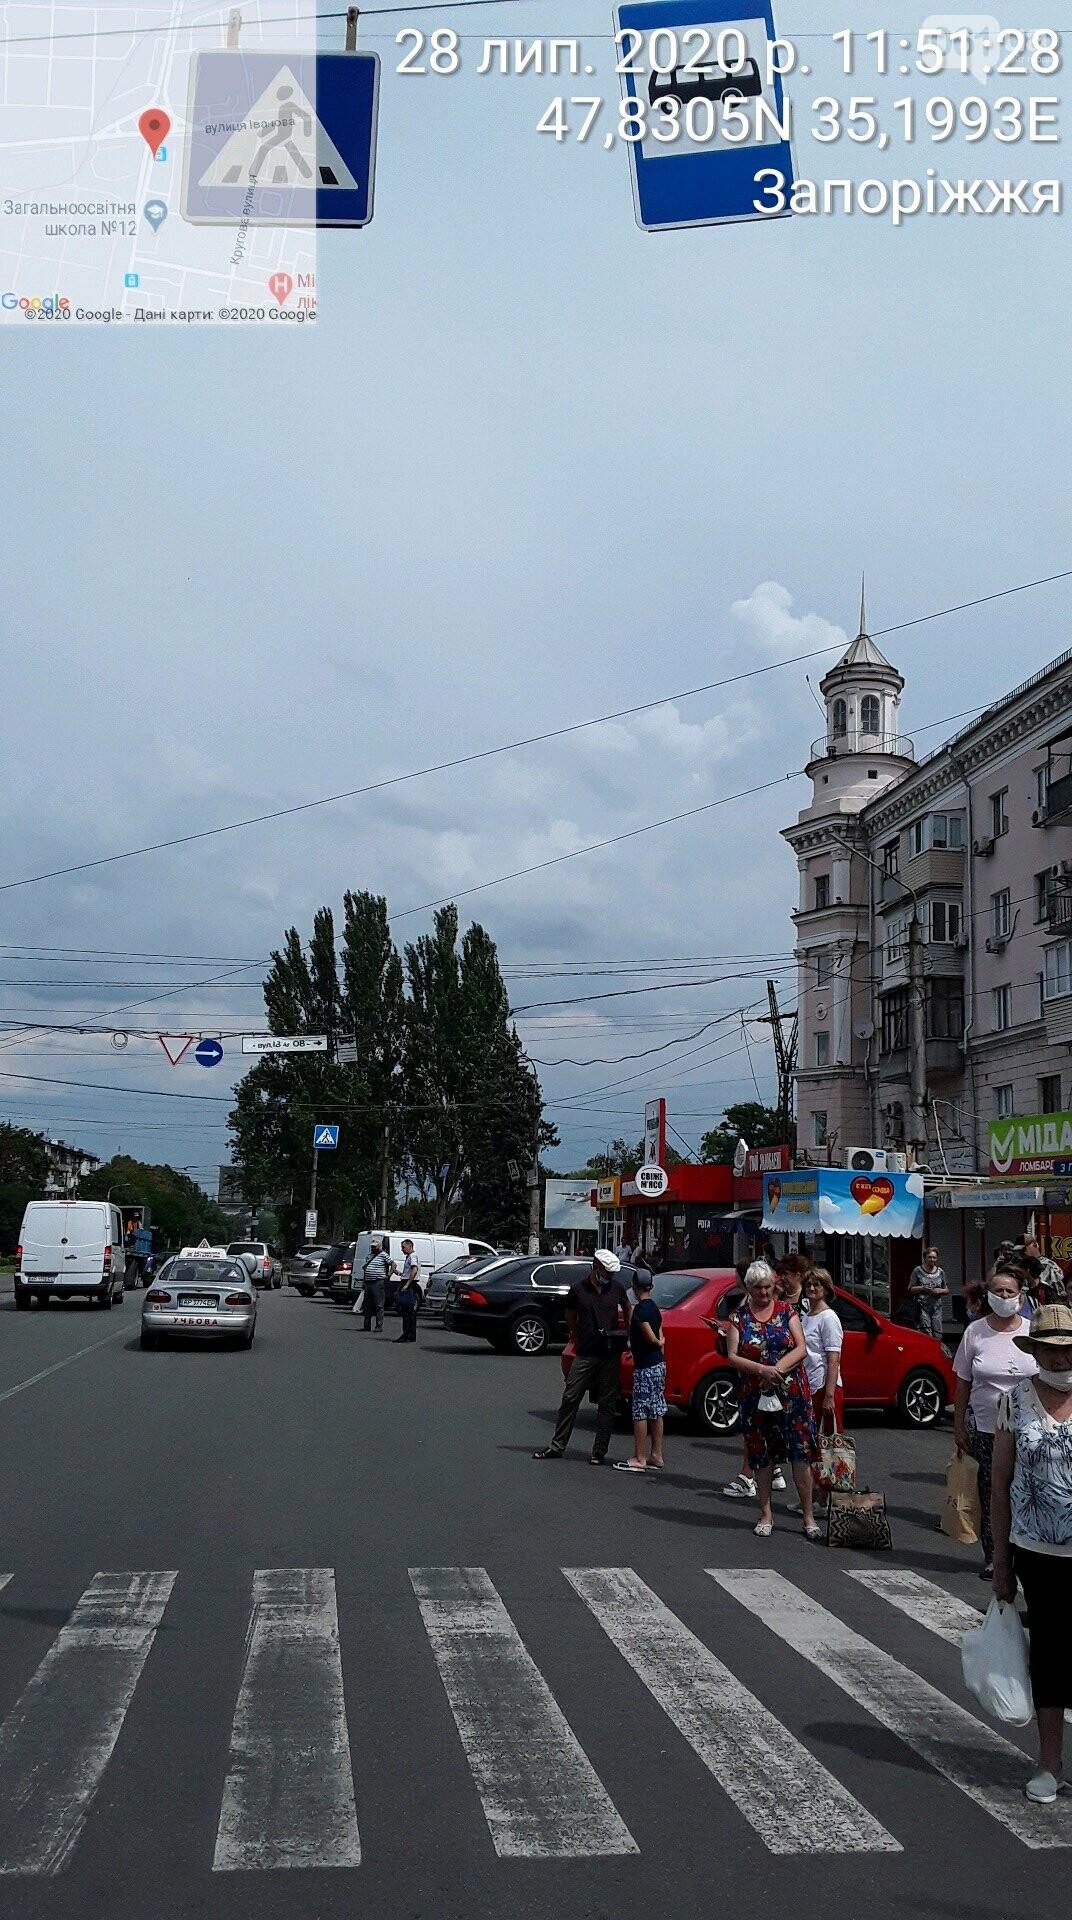 1100 нарушений и 200 тысяч гривен в бюджет: запорожские инспекторы по парковке отчитались о работе за июль, фото-4